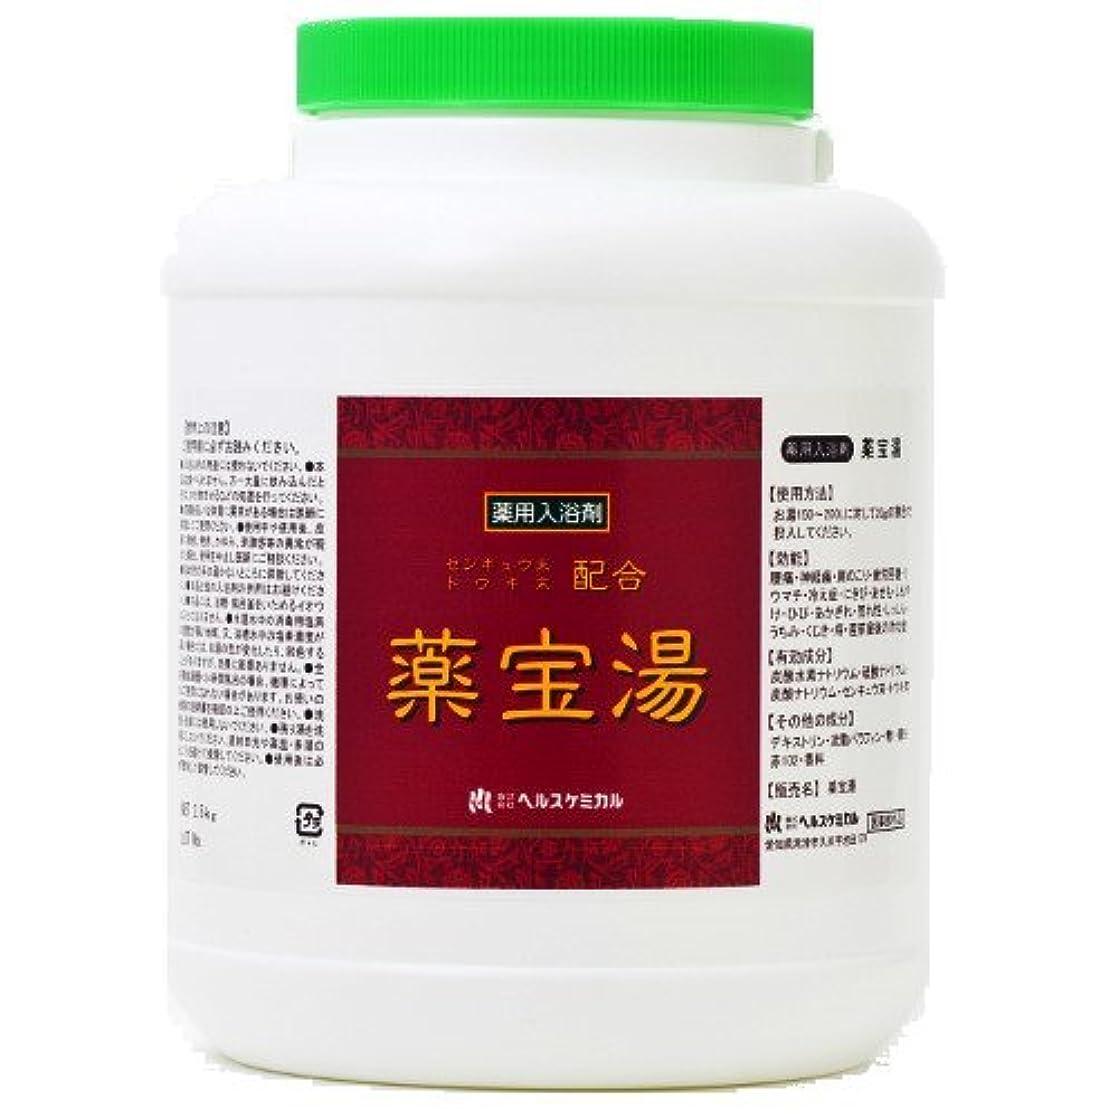 十分な後継羊薬宝湯 やくほうとう 医薬部外品 天然生薬 の 香り 粉末 入浴剤 高麗人参 エキス 配合 (2.5kg (約125回分))